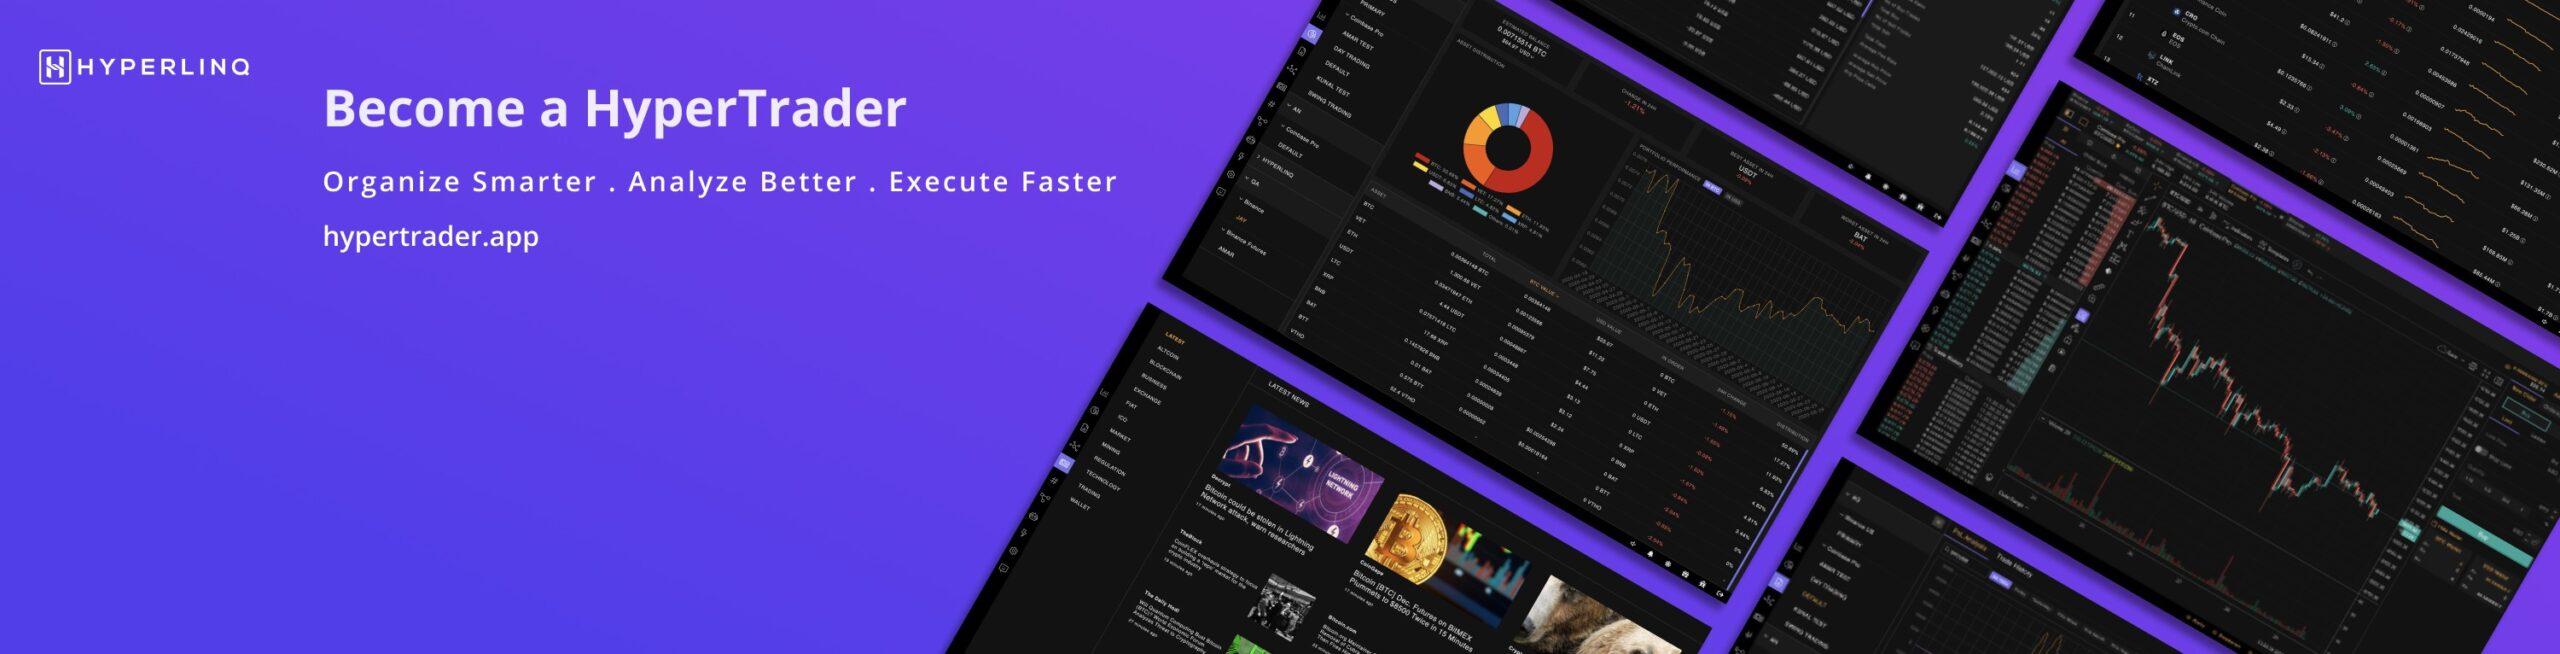 Hyperlinq Trading Platform